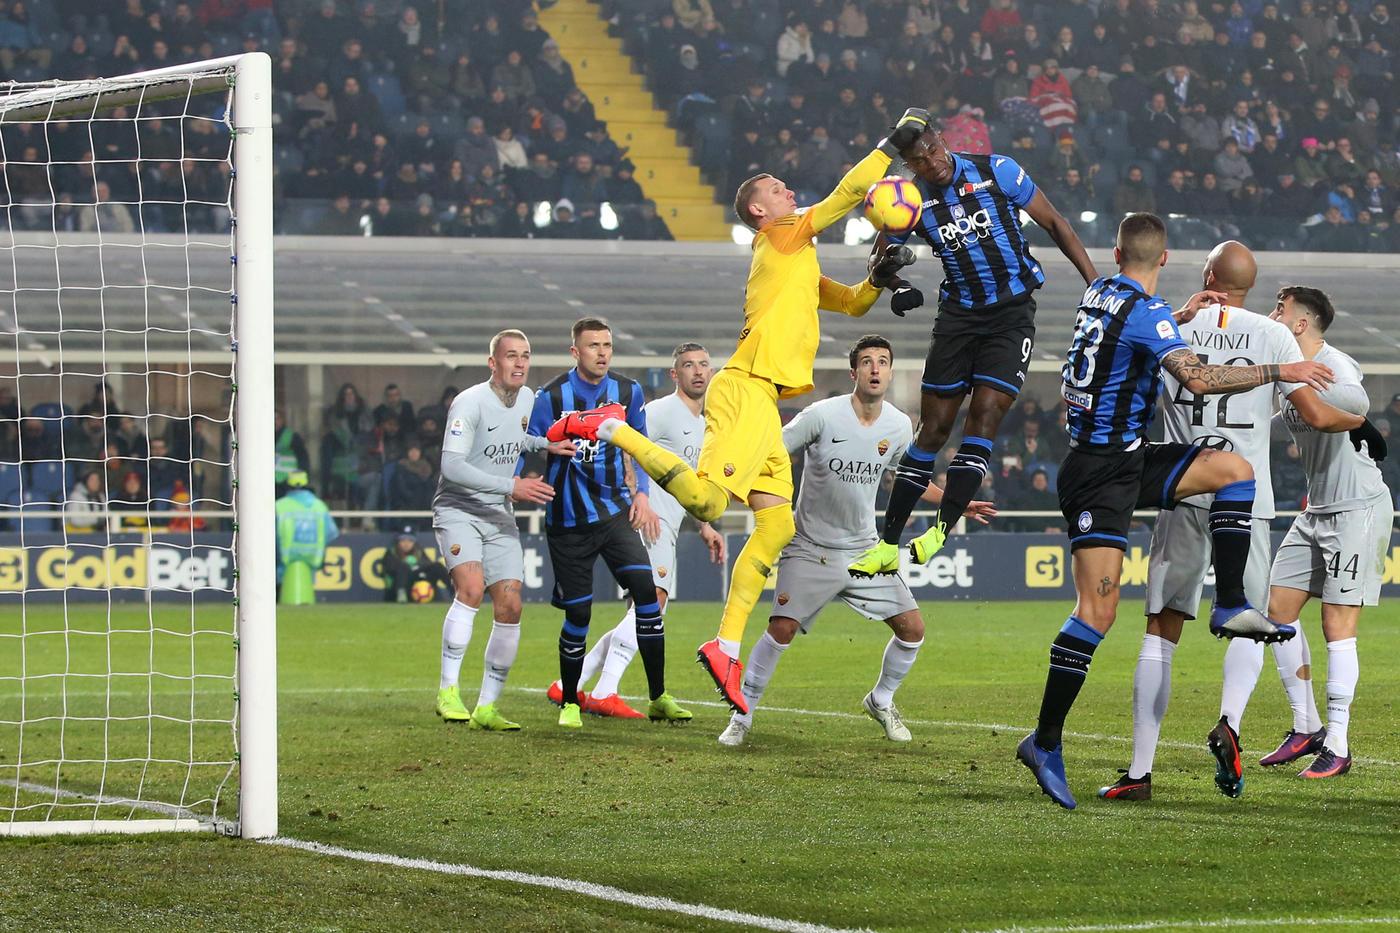 La Roma ci riesce ancora: avanti 3-0, pareggia 3-3 a Bergamo contro l'Atalanta